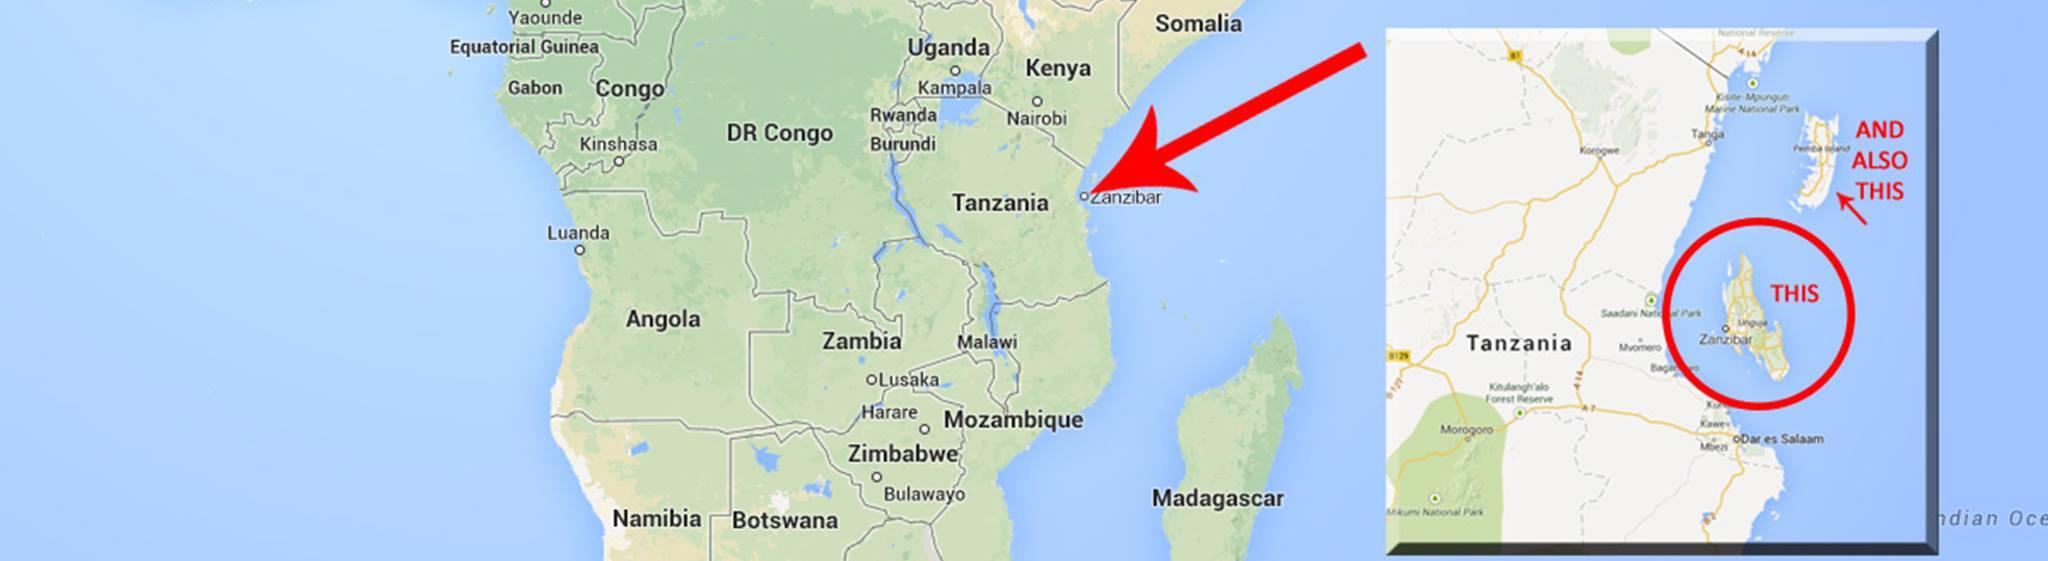 MAP OF ZANZIBAR ISLAND